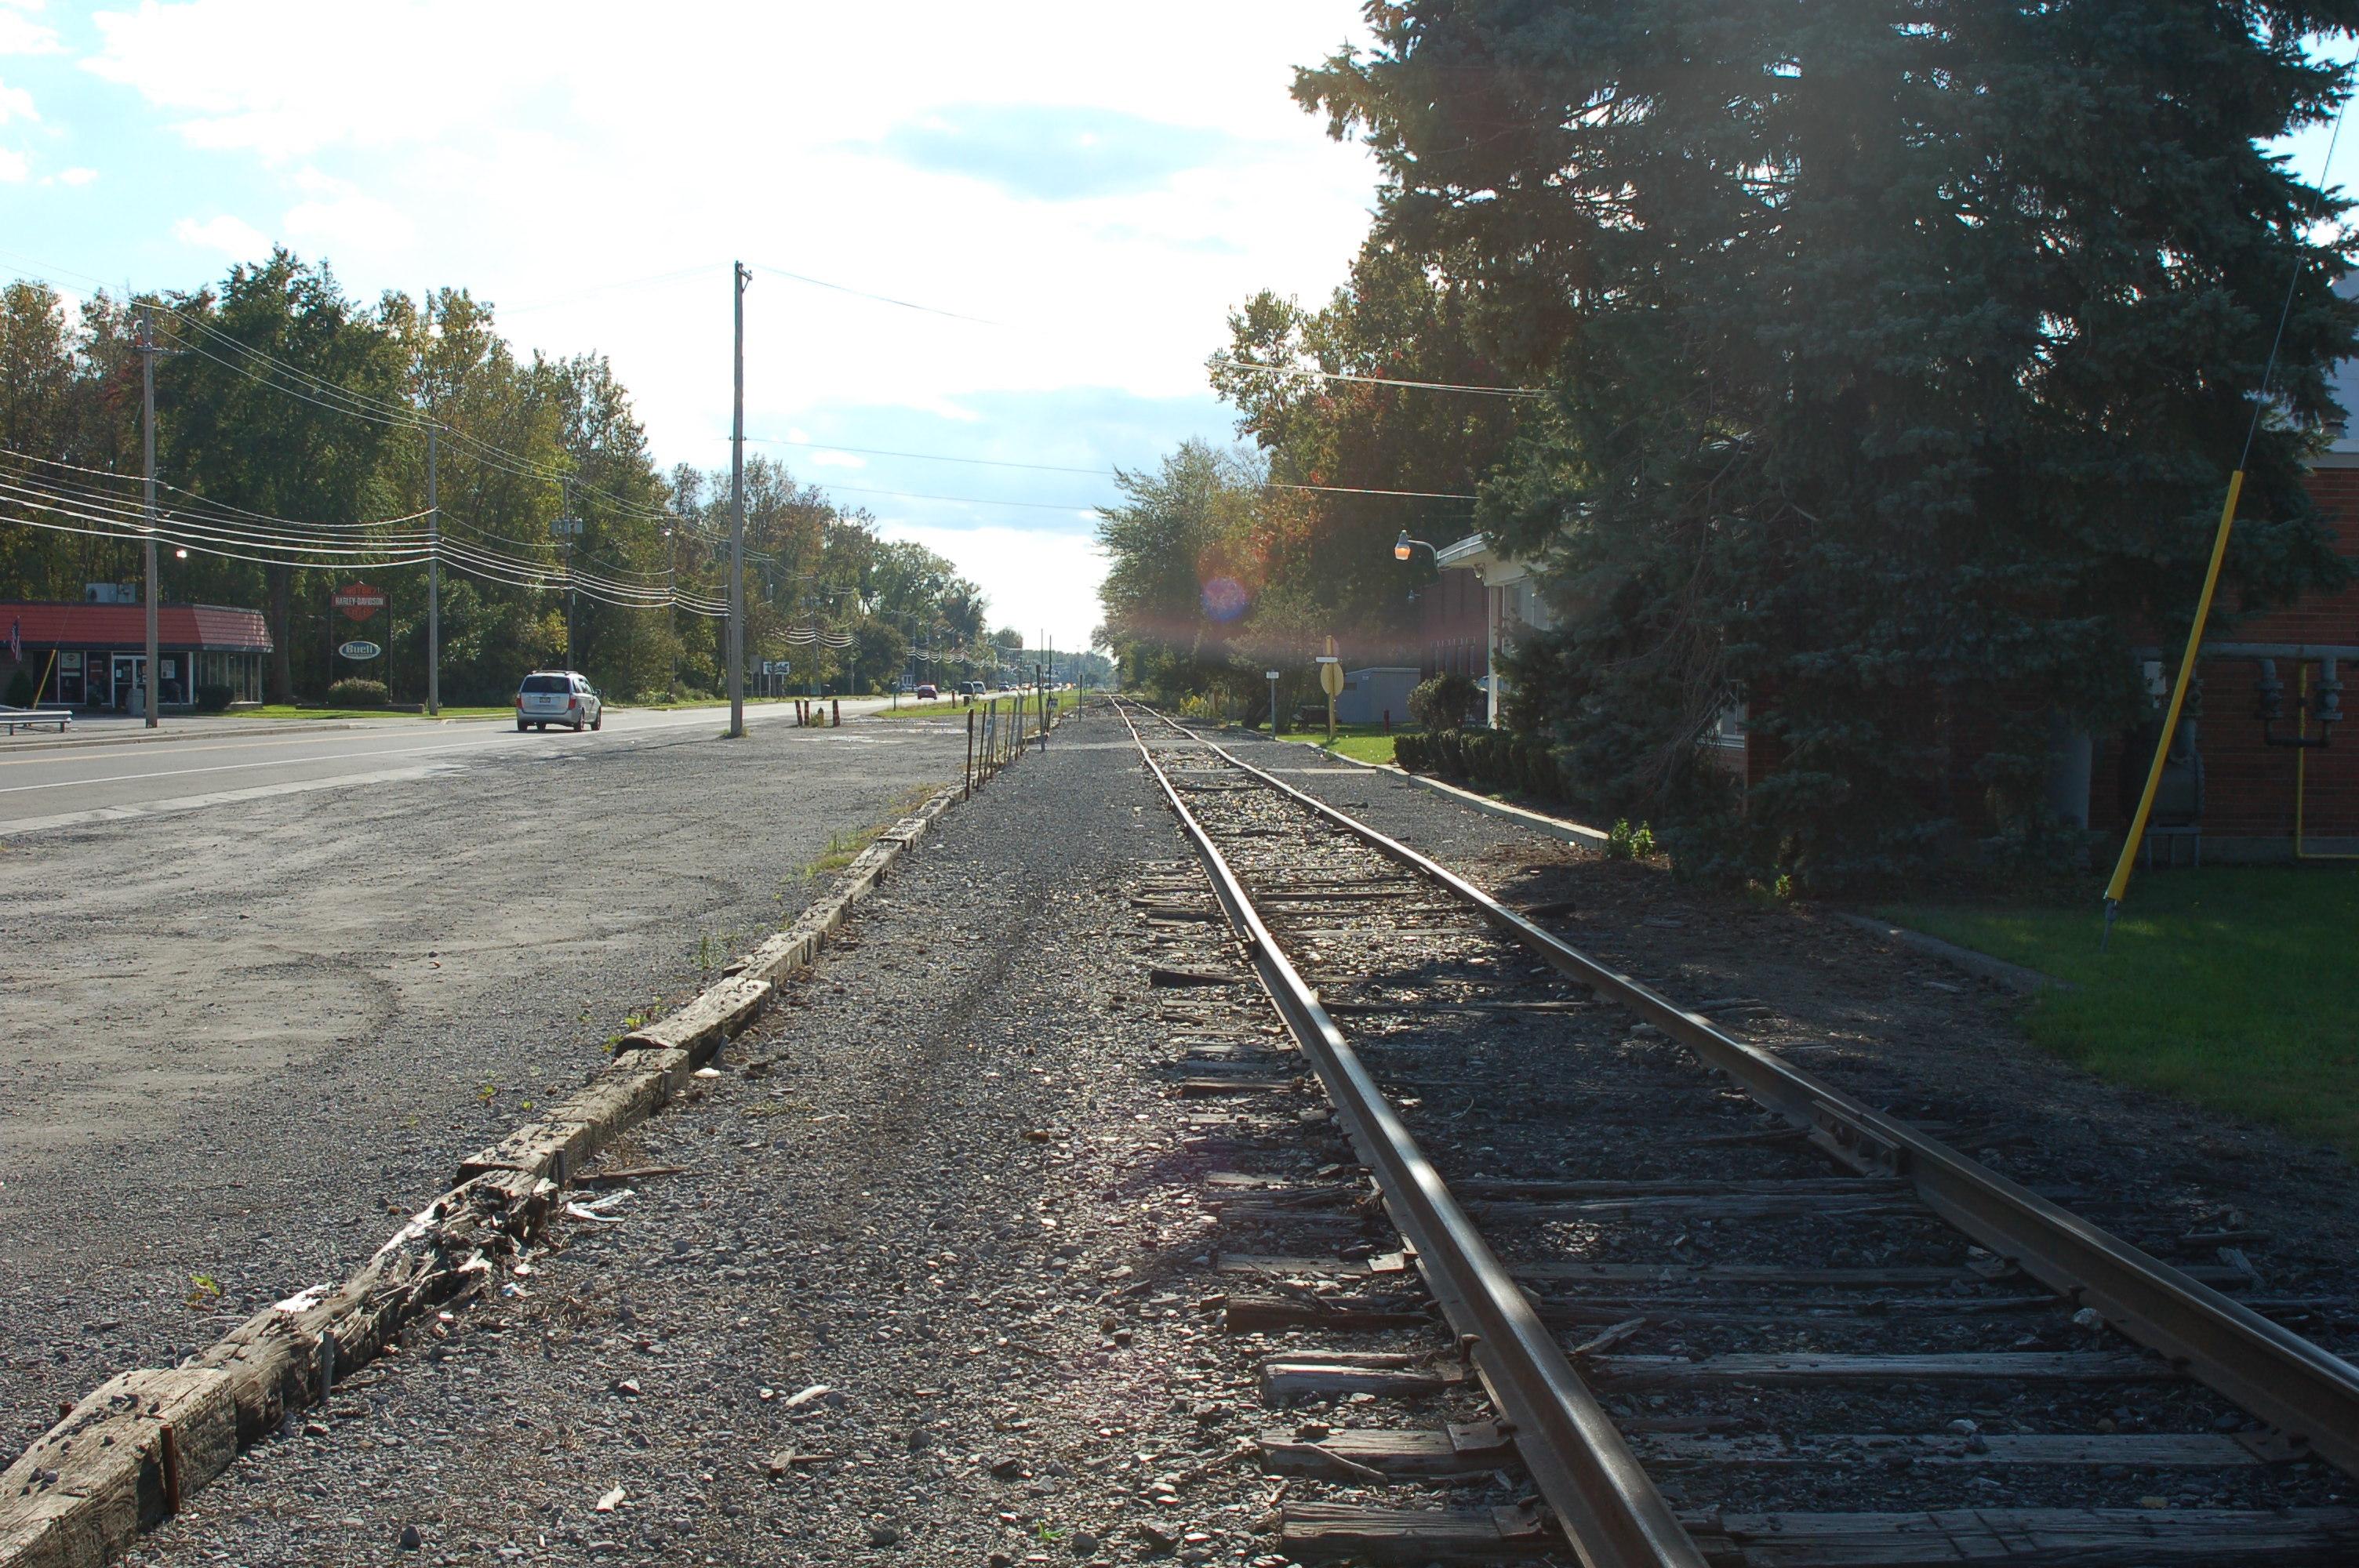 1174 Erie Ave, photo 4 (2008).jpg